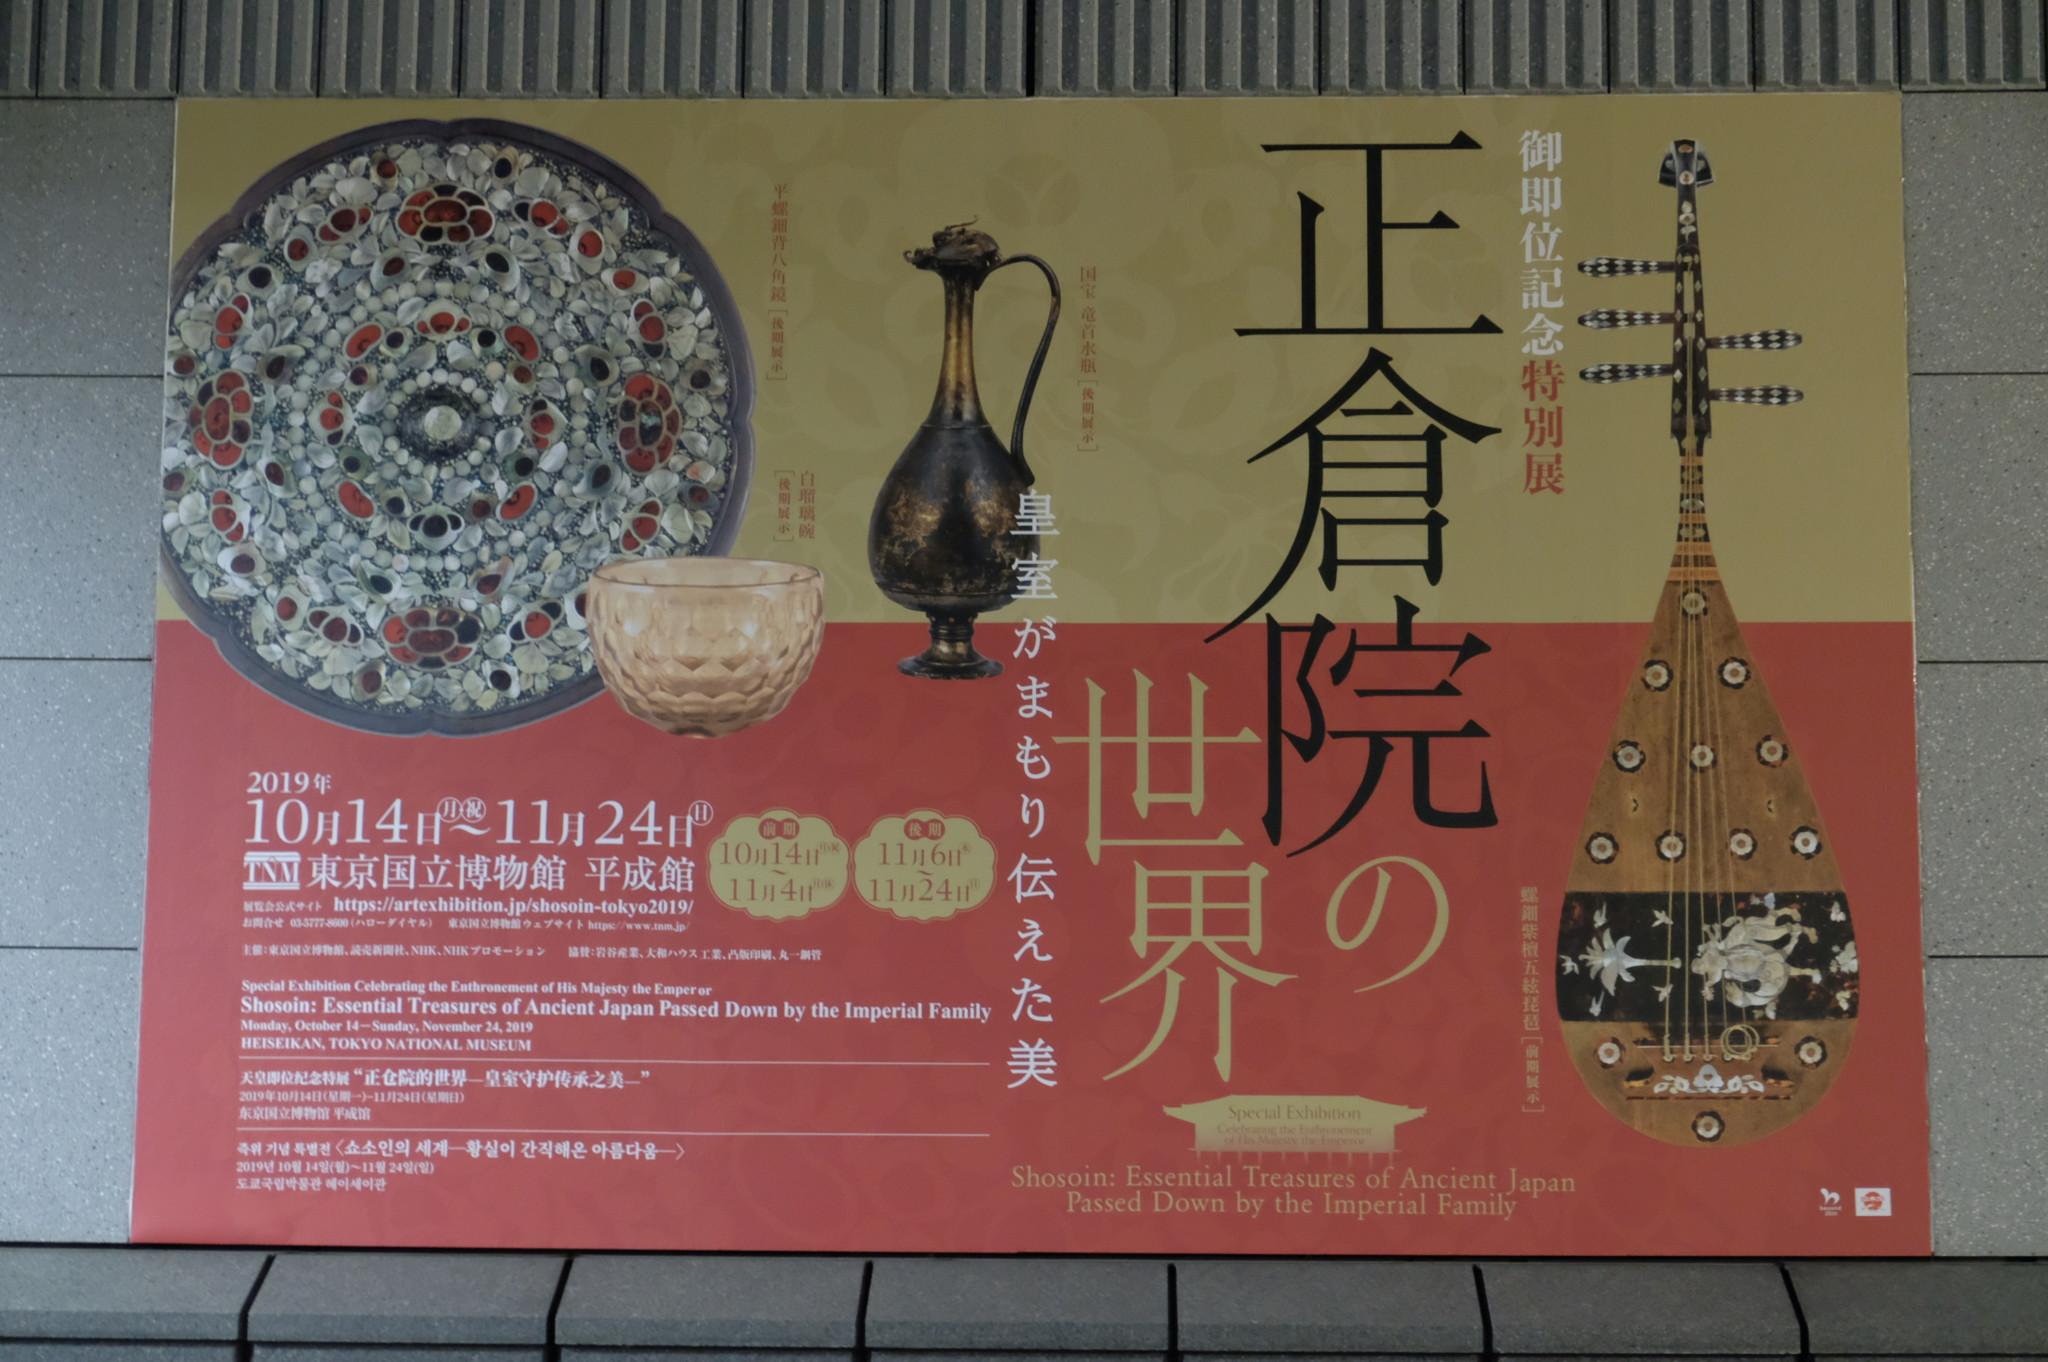 御即位記念特別展「正倉院の世界―皇室がまもり伝えた美―」